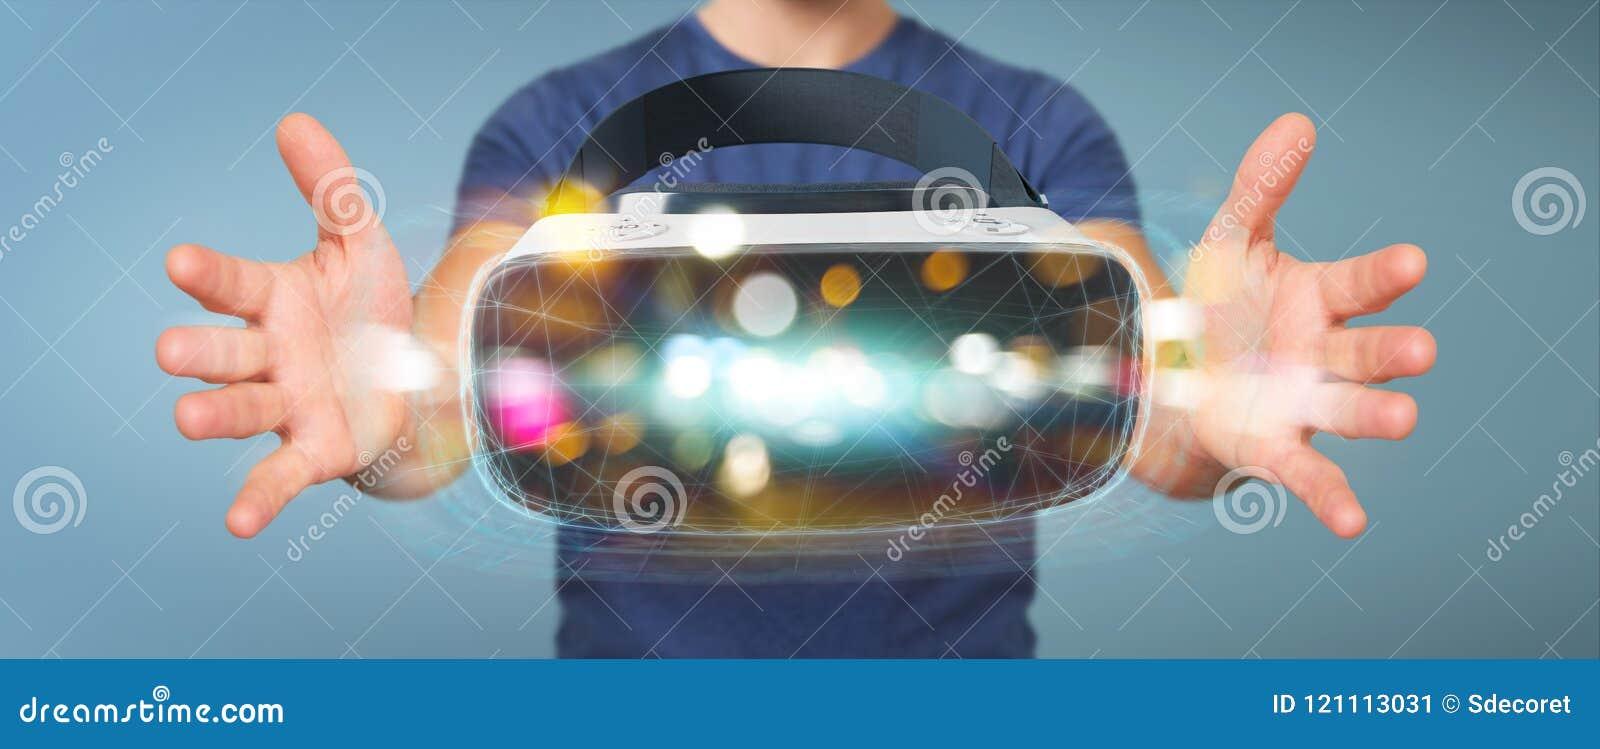 Biznesmen używa rzeczywistość wirtualna szkieł technologii 3D renderin